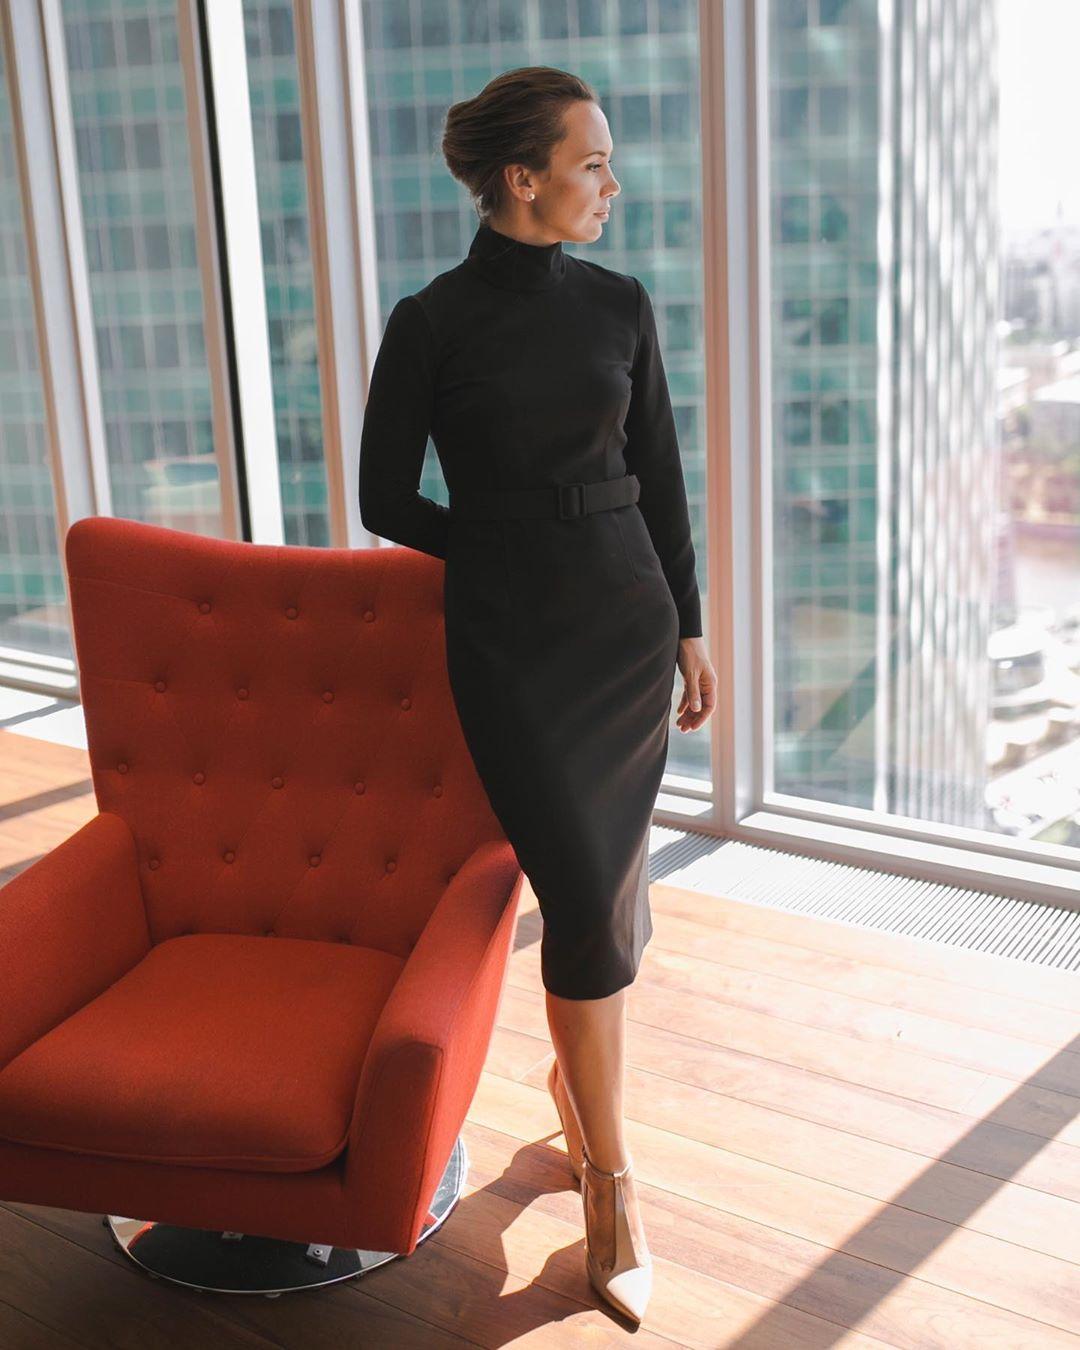 модные образы для бизнес-леди осень 2019 фото 1